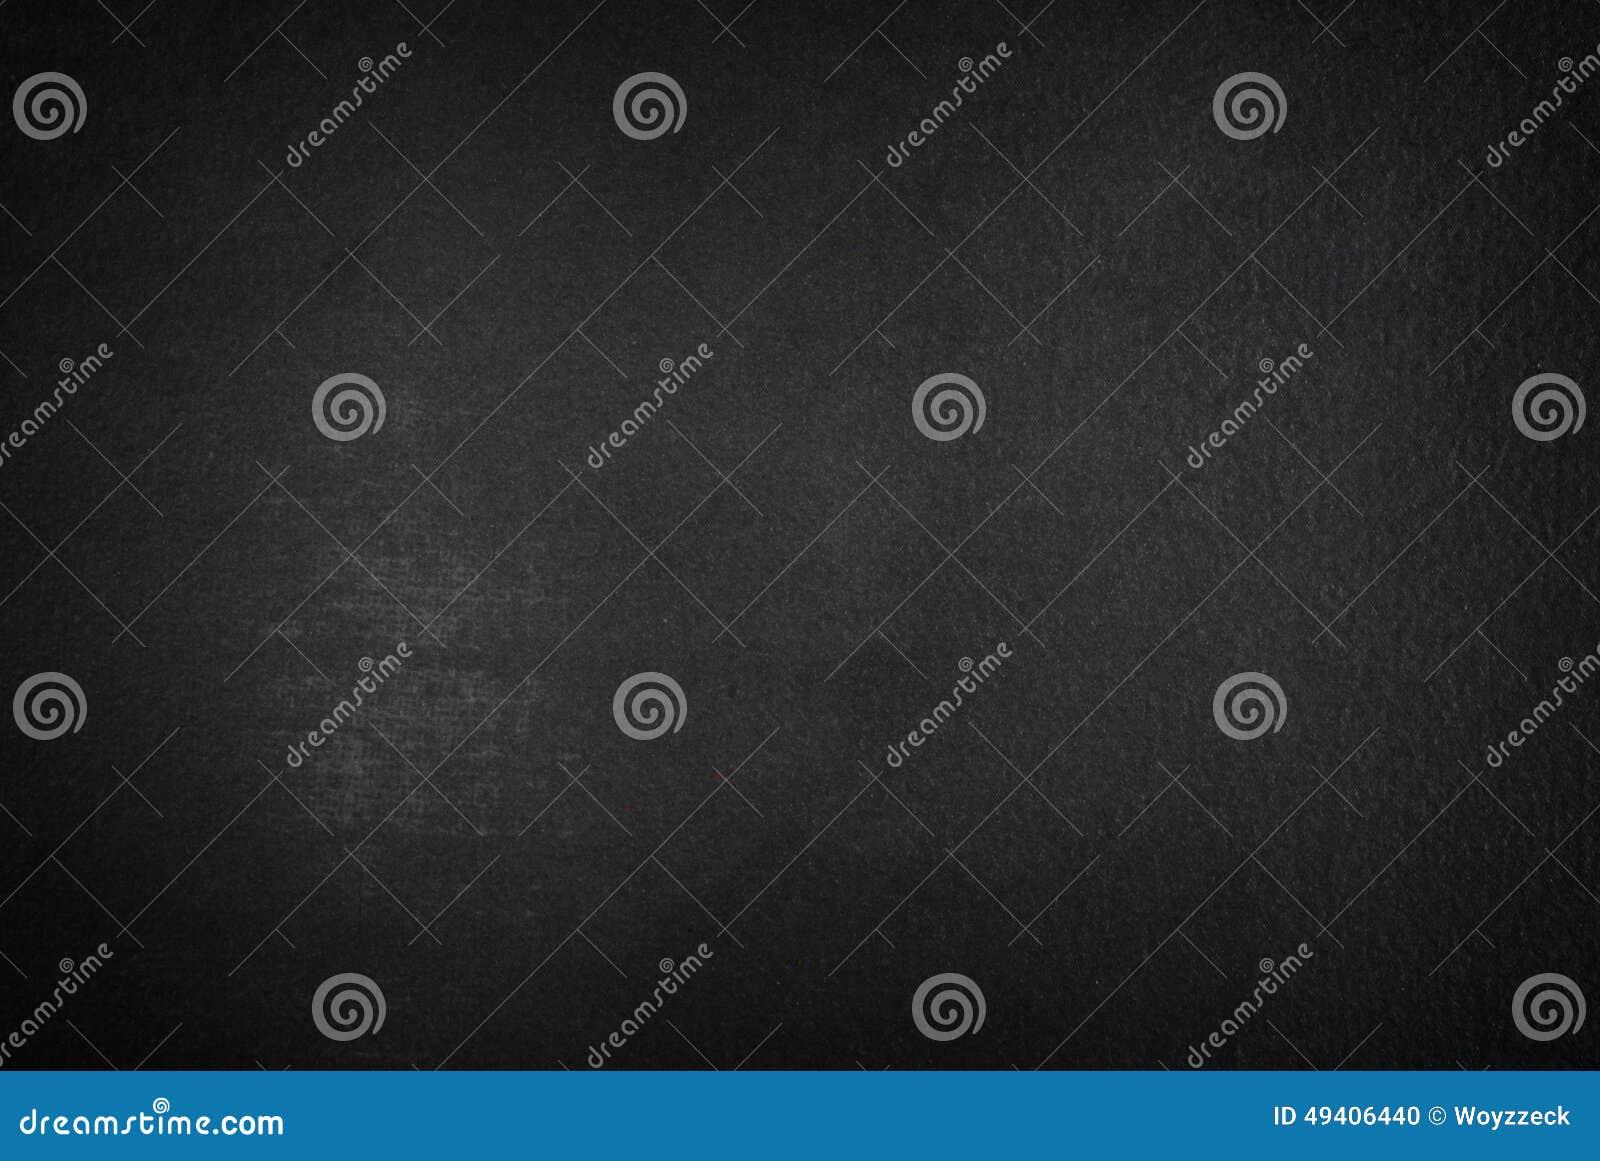 Download Granit stockfoto. Bild von beschaffenheit, oberfläche - 49406440